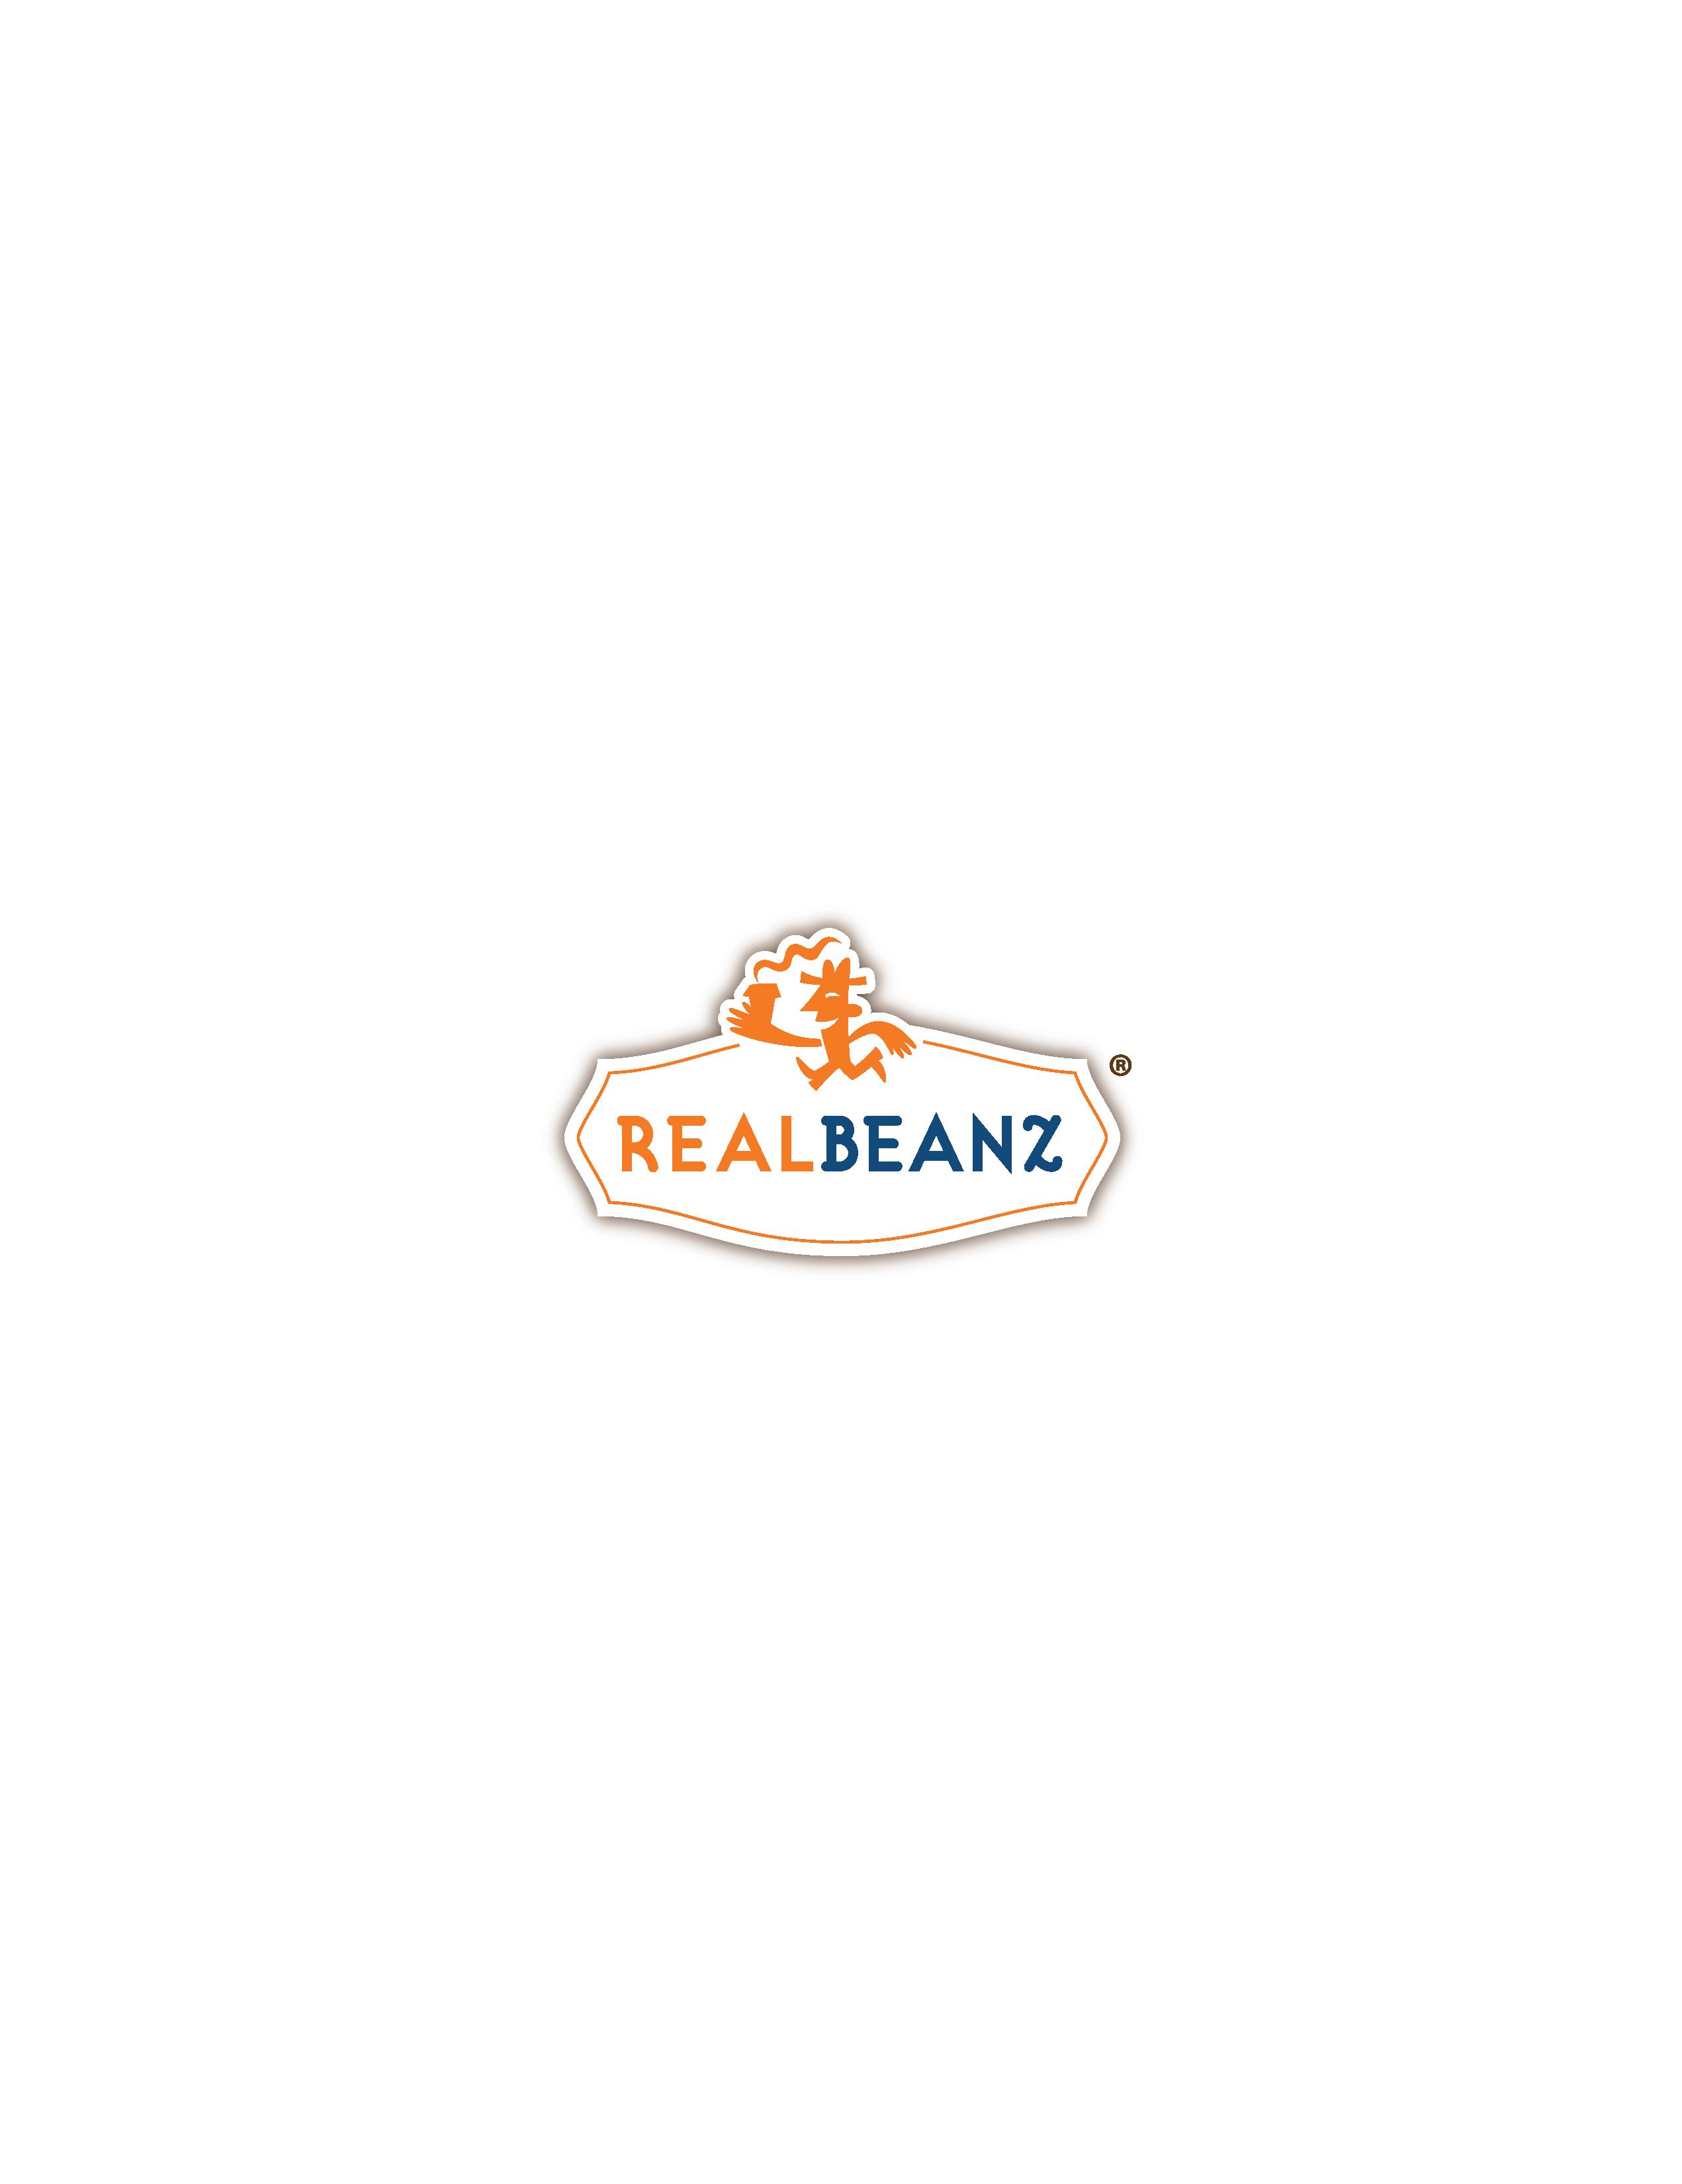 Real Beanz